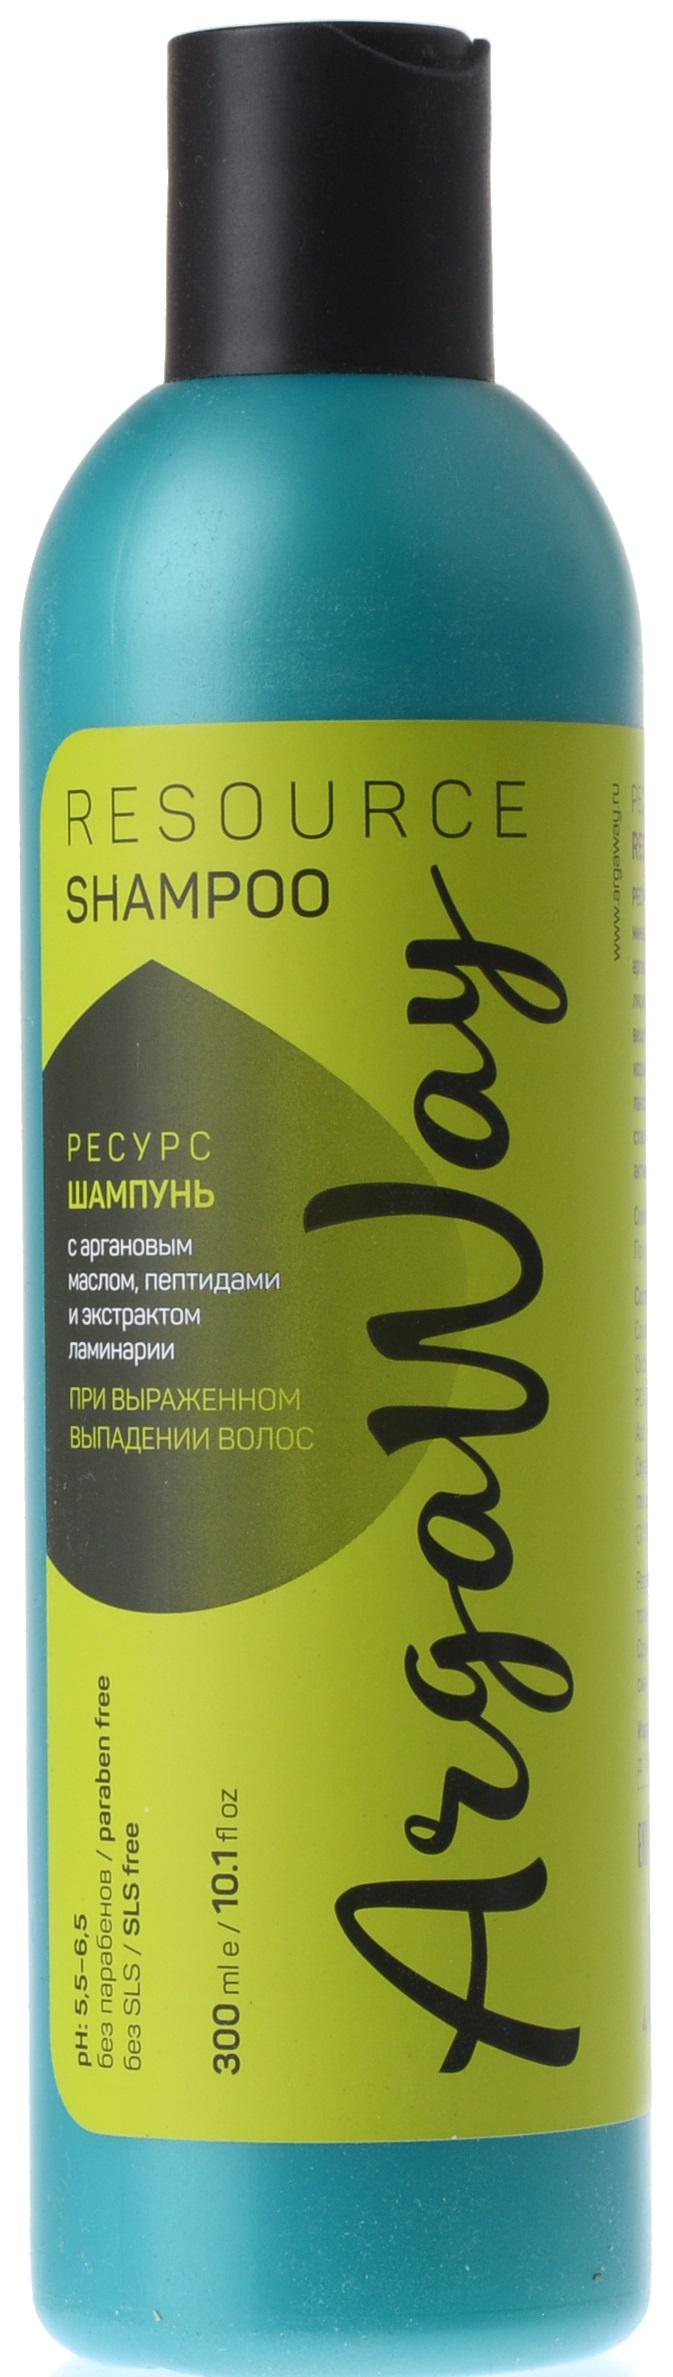 Шампунь для волос Argaway косметика, 330 косметика для волос cd